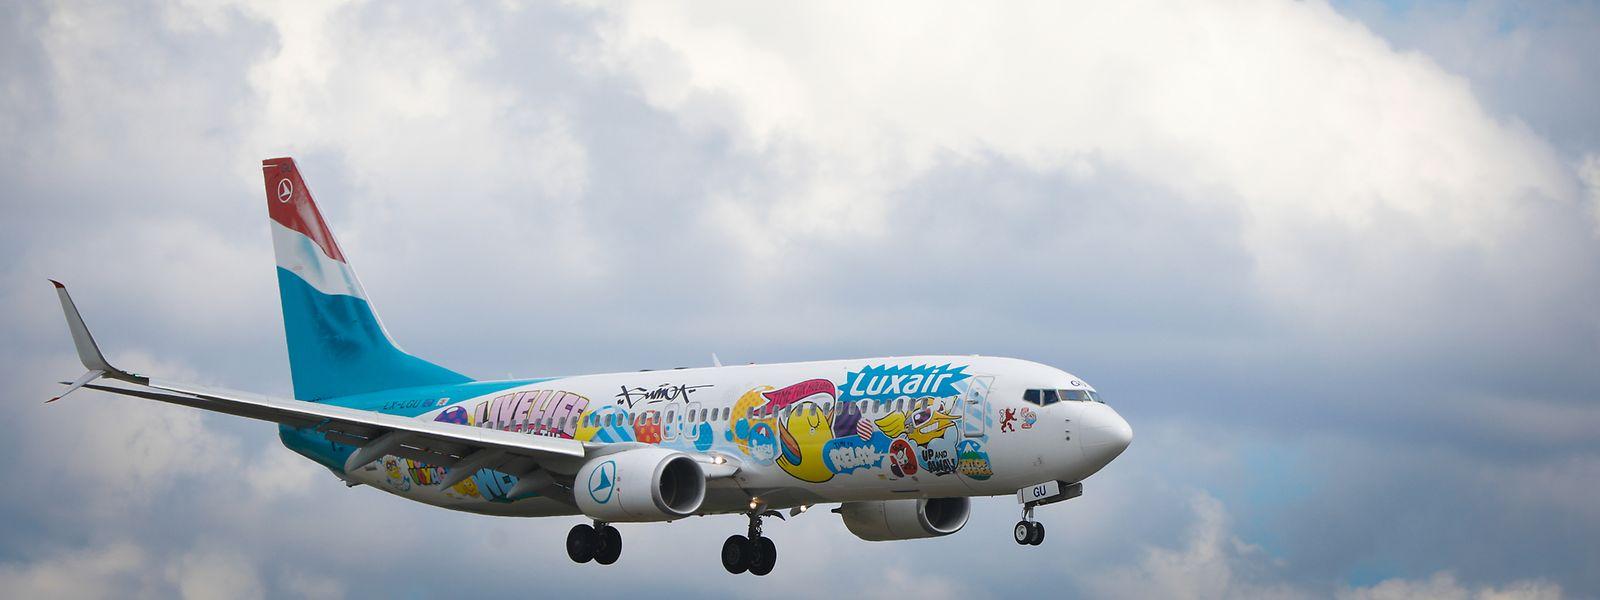 D'ici 2050, Luxair tout comme l'ensemble des membres de l'IATA, entend compenser toutes ses émissions de CO2.